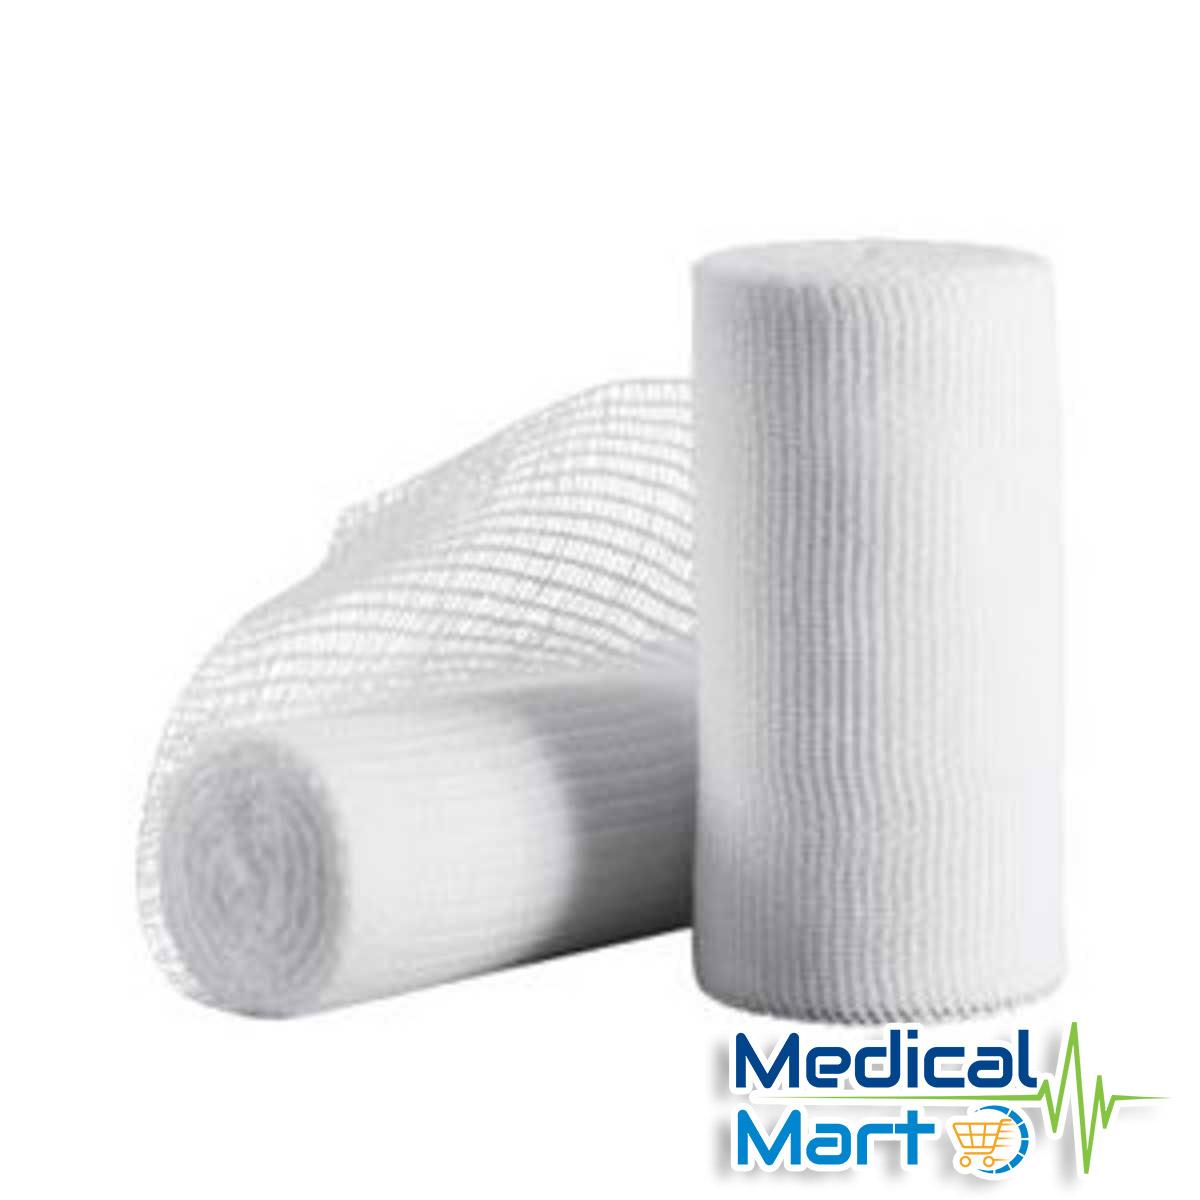 Gauze Bandage 1inch